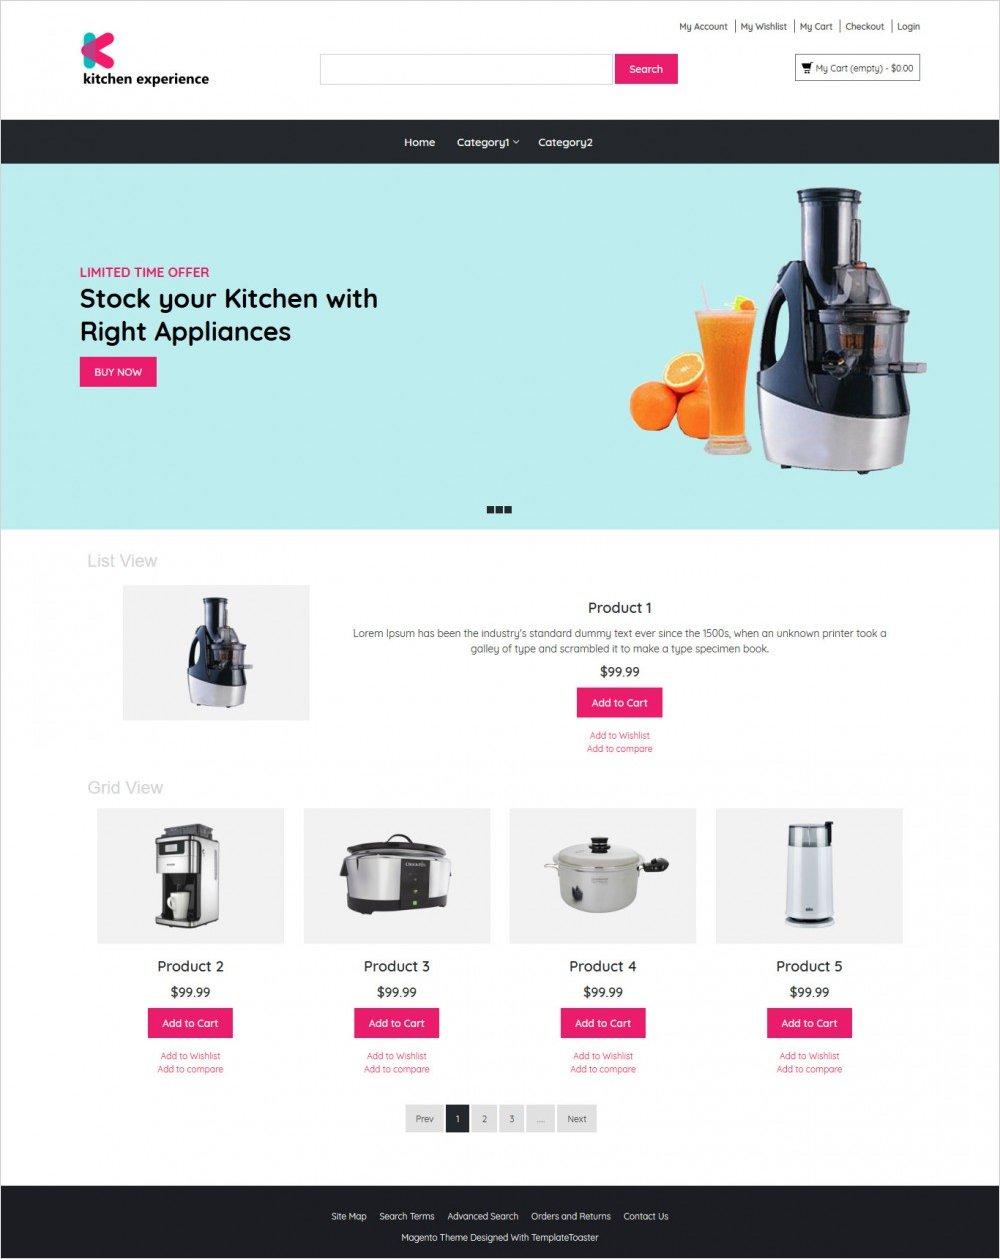 Kitchen Experience Appliances Magento Theme - TemplateToaster